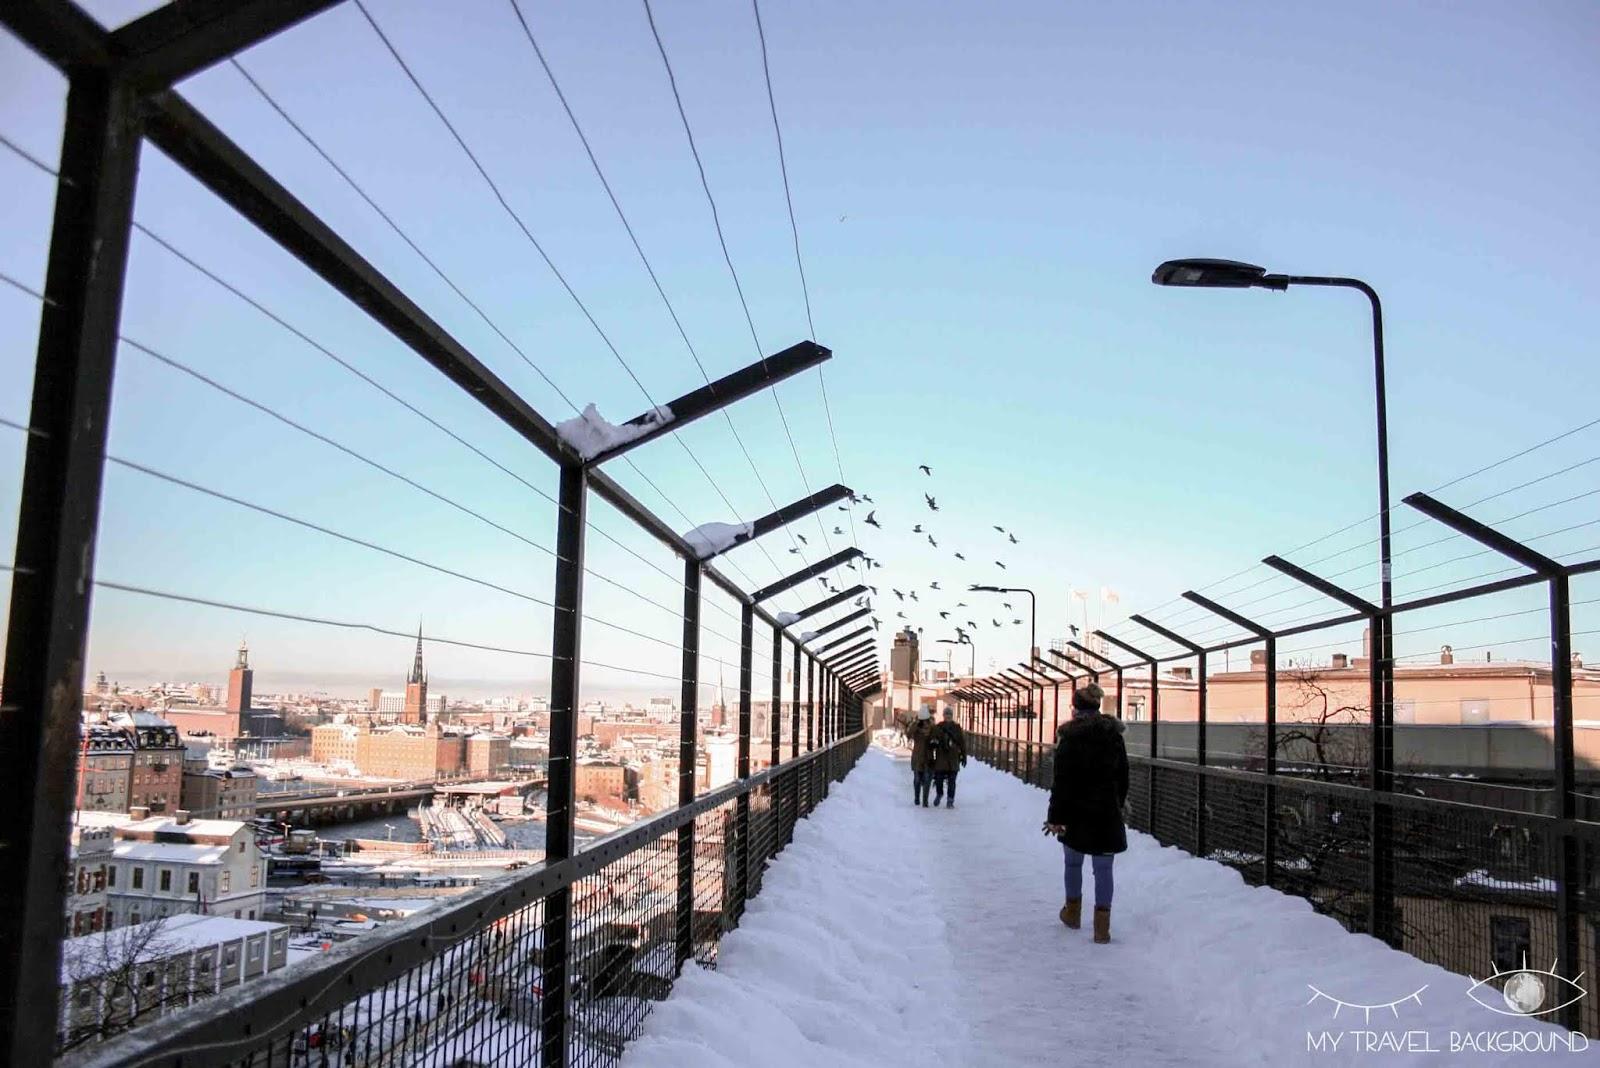 My Travel Background : photographier Stockholm : où trouver les plus belles vues ?  - Ascenseur Katarina